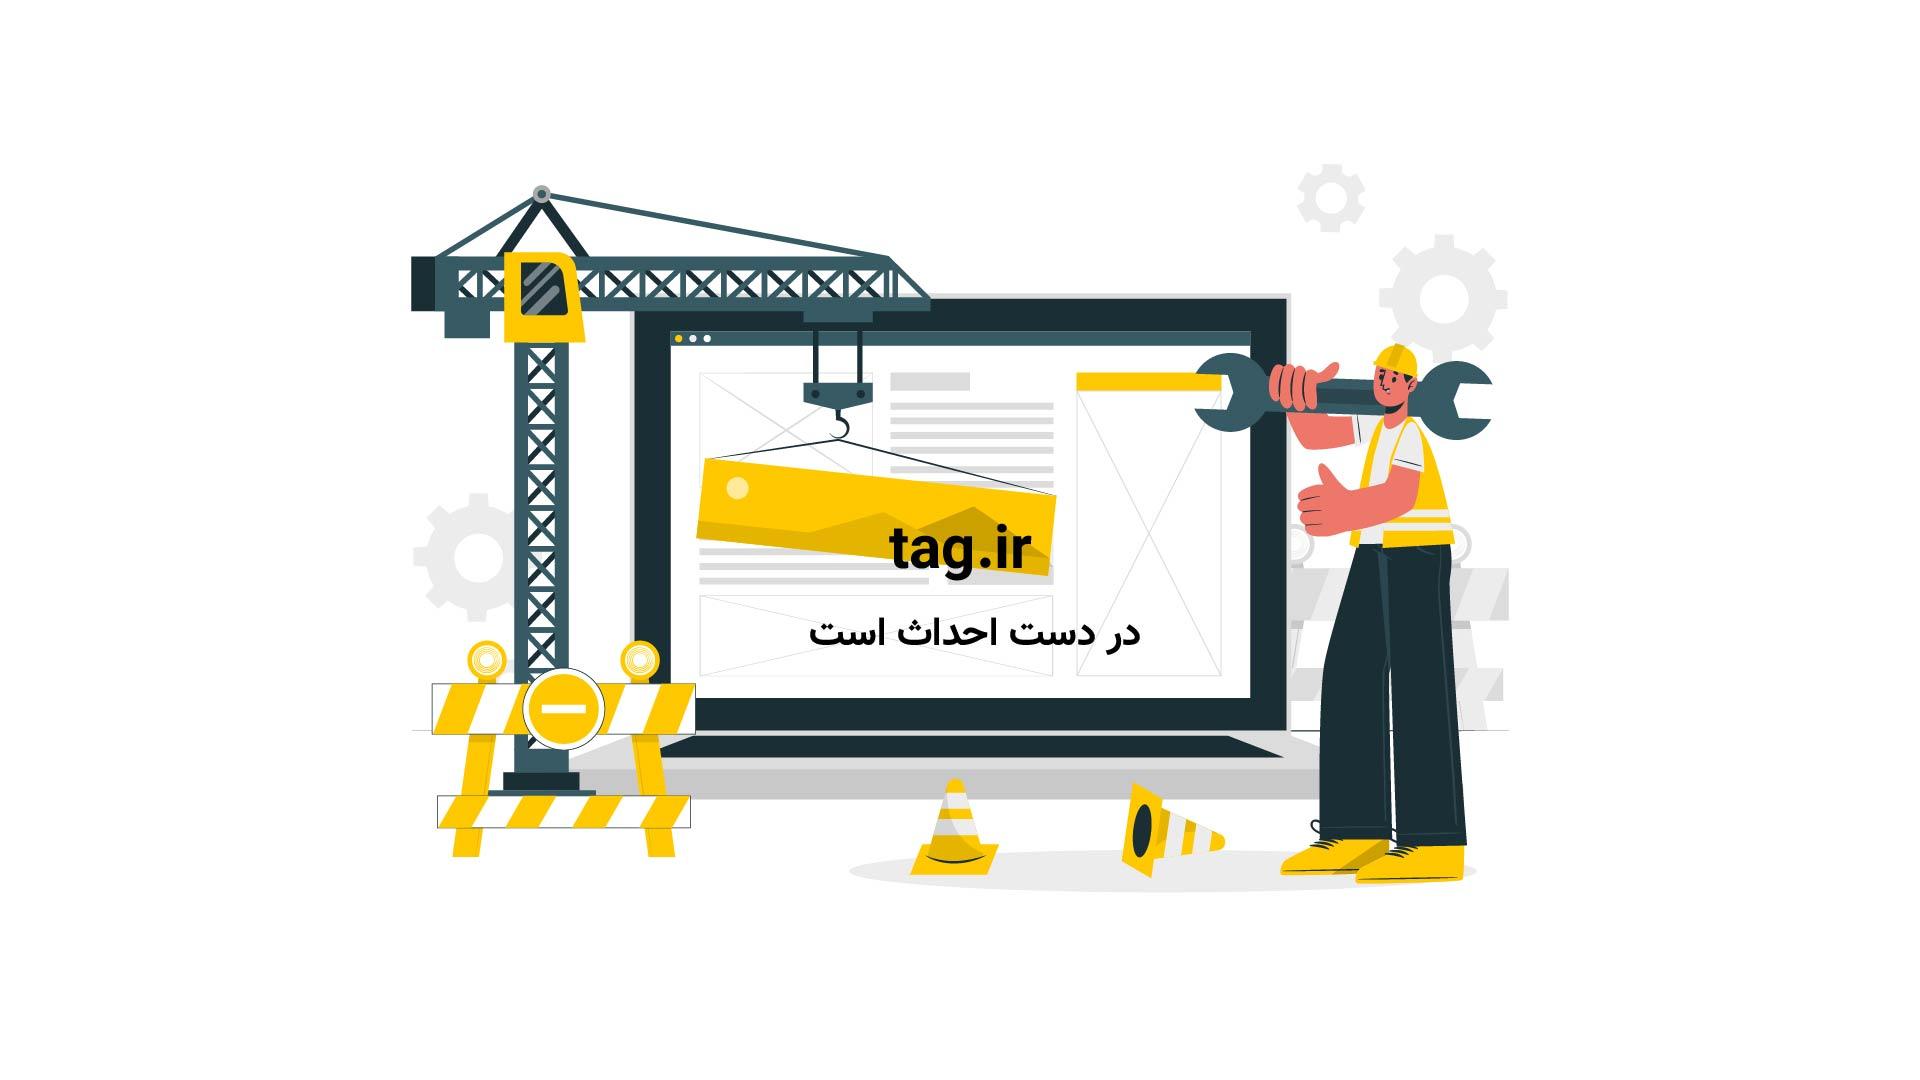 لحظه انفجار و تخریب 19 ساختمان در چین | فیلم